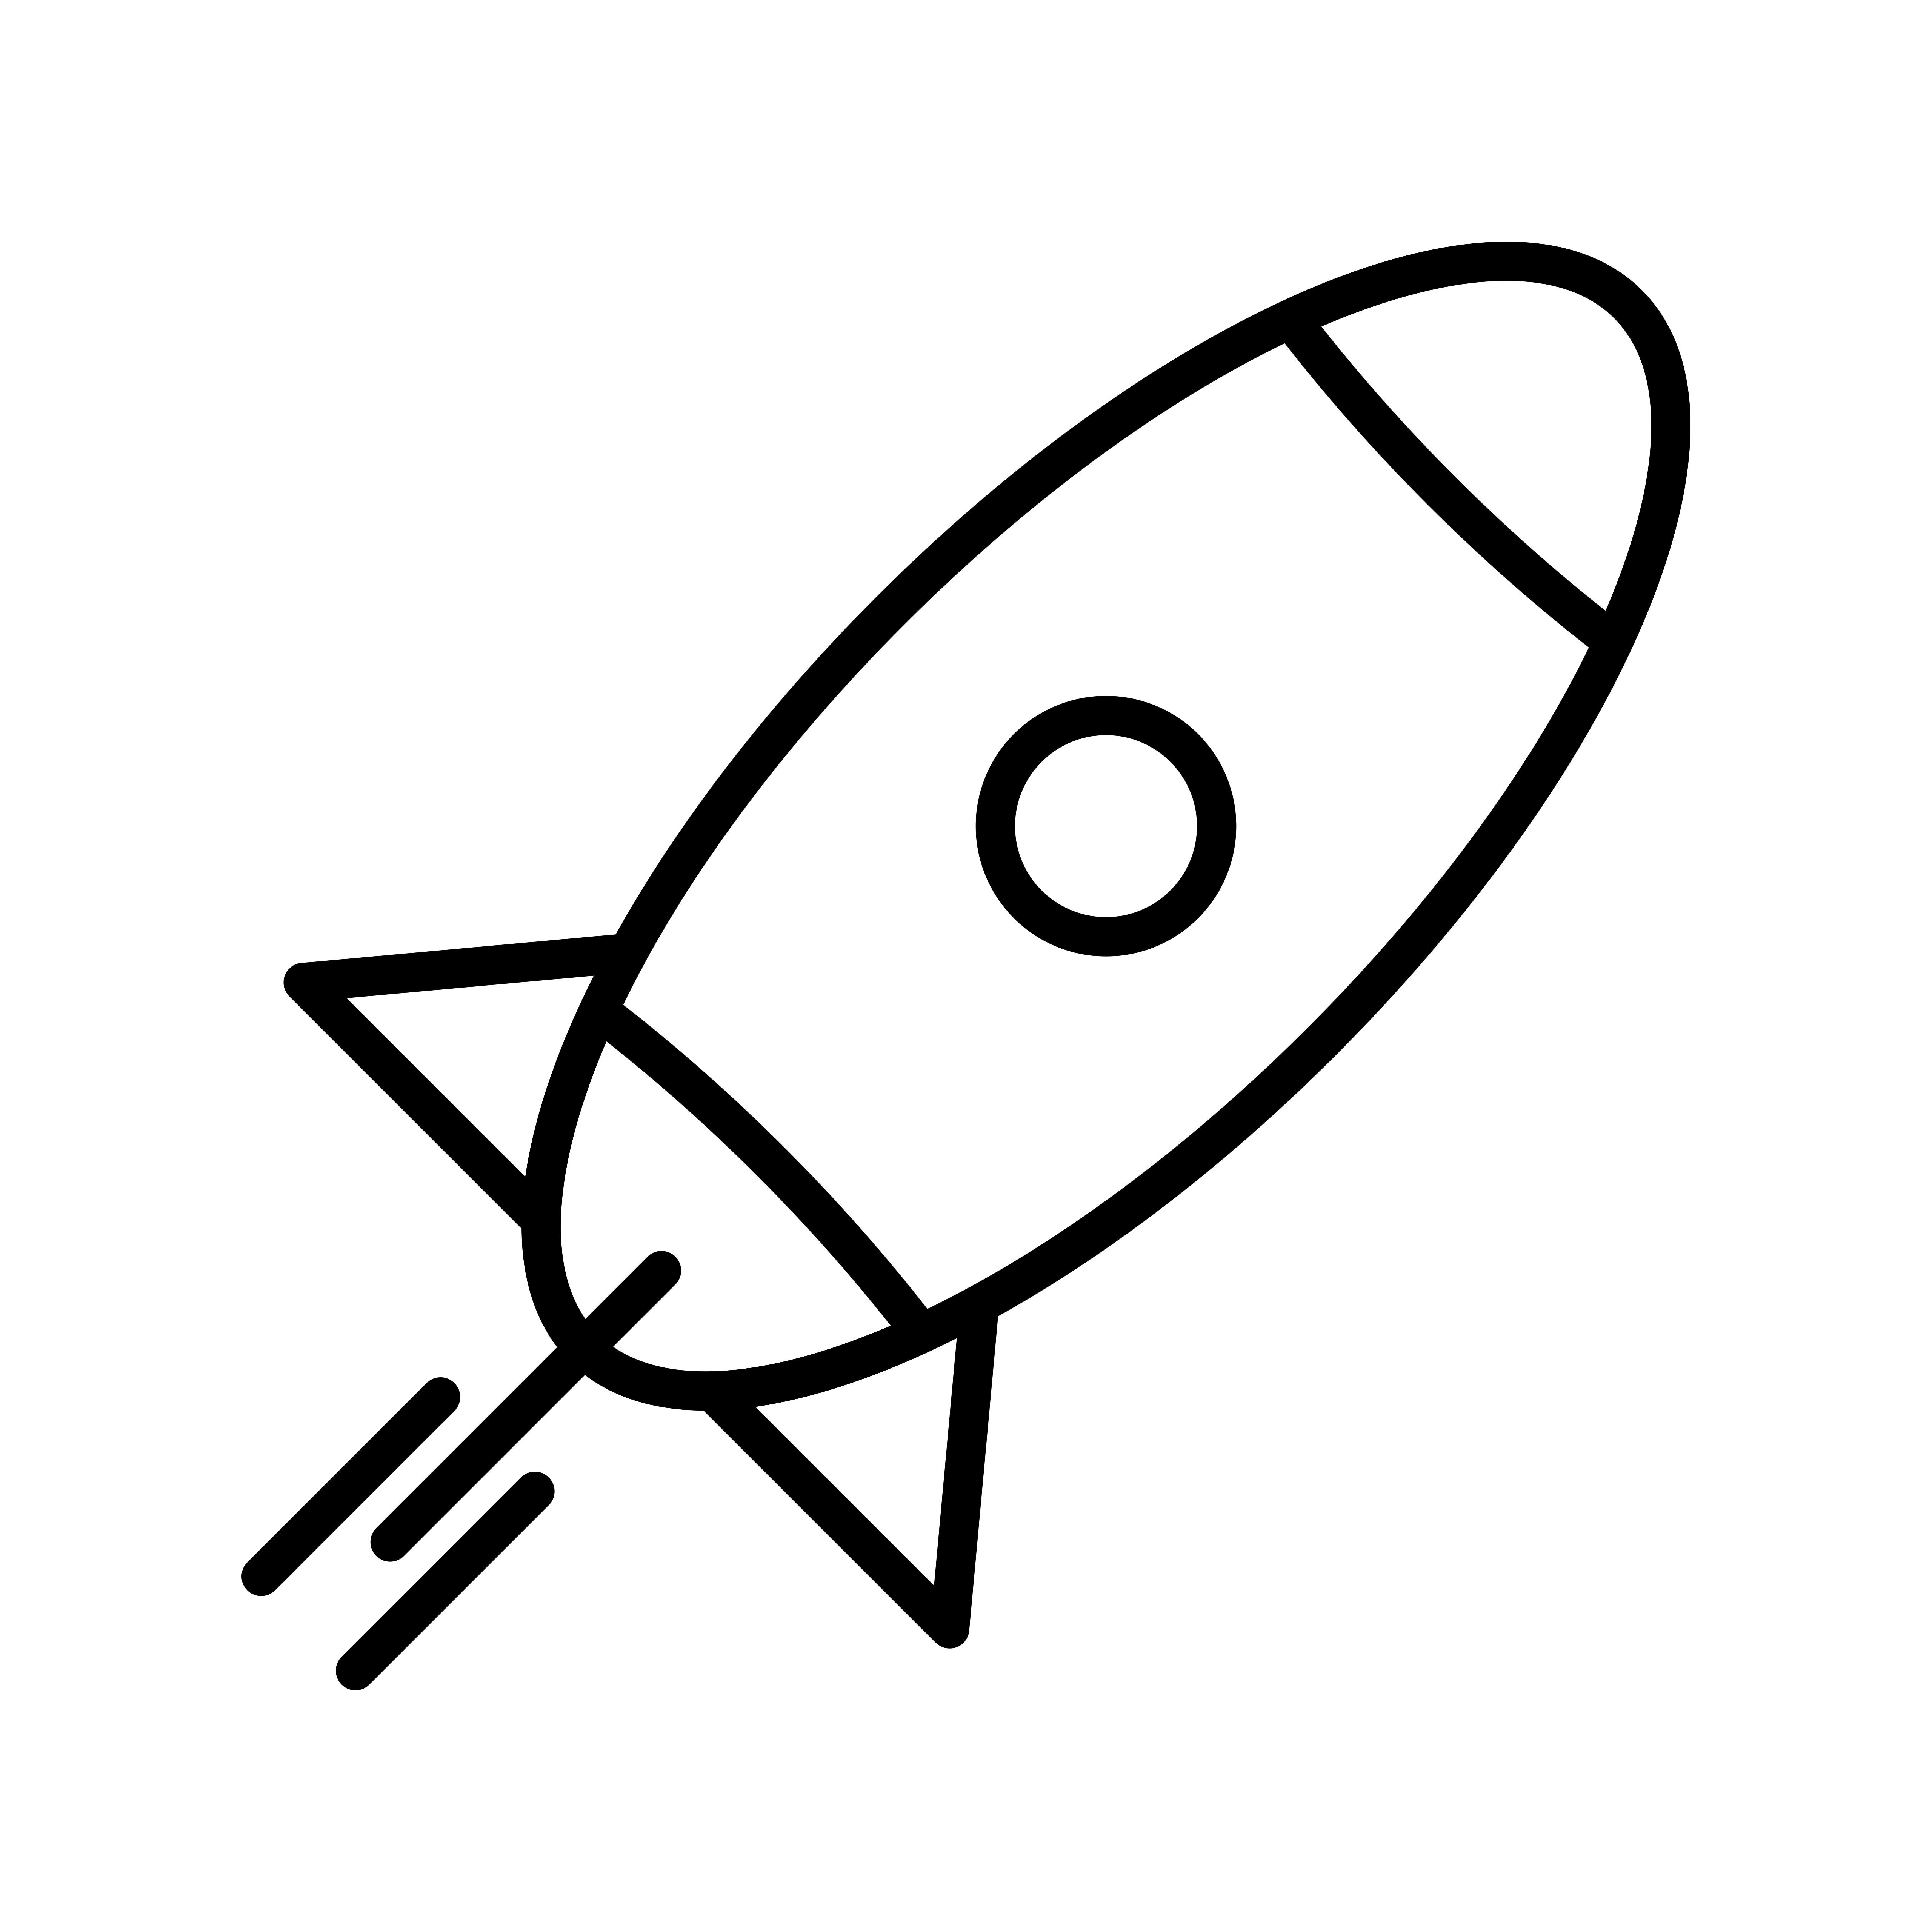 Rocket Line Icon Free Vector Art